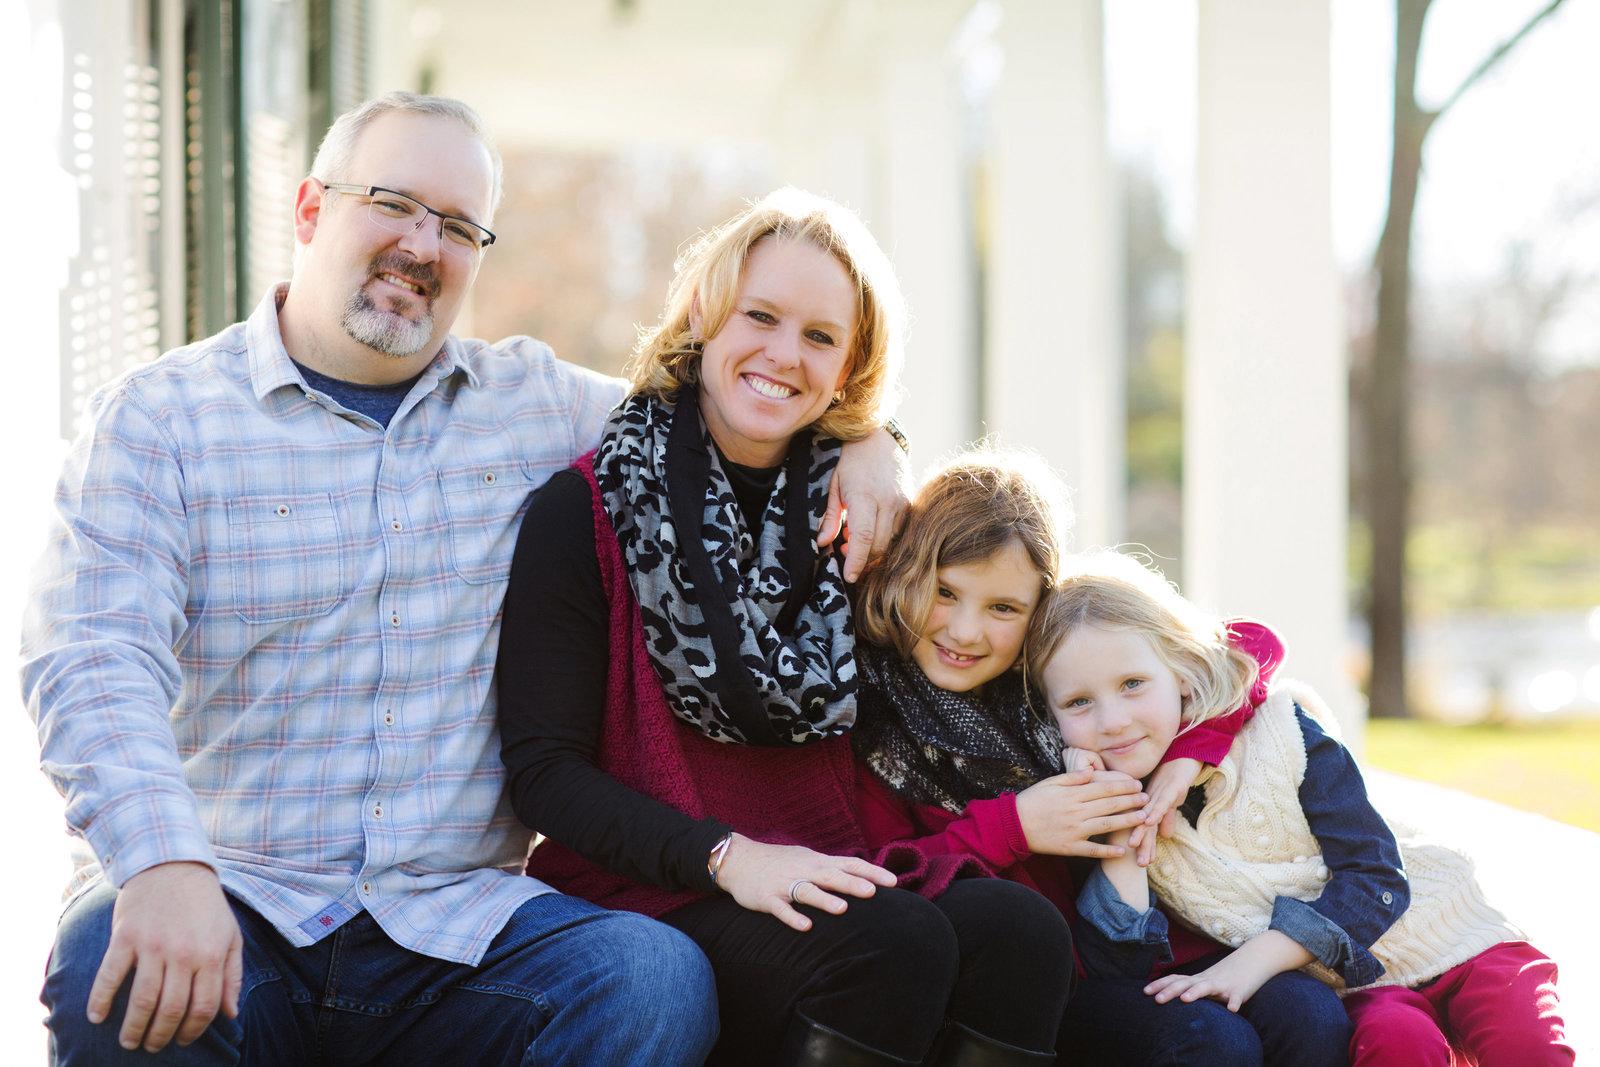 family children portrait skyryder engagement wedding photography blacksburg roanoke charlottesville lexington radford-092